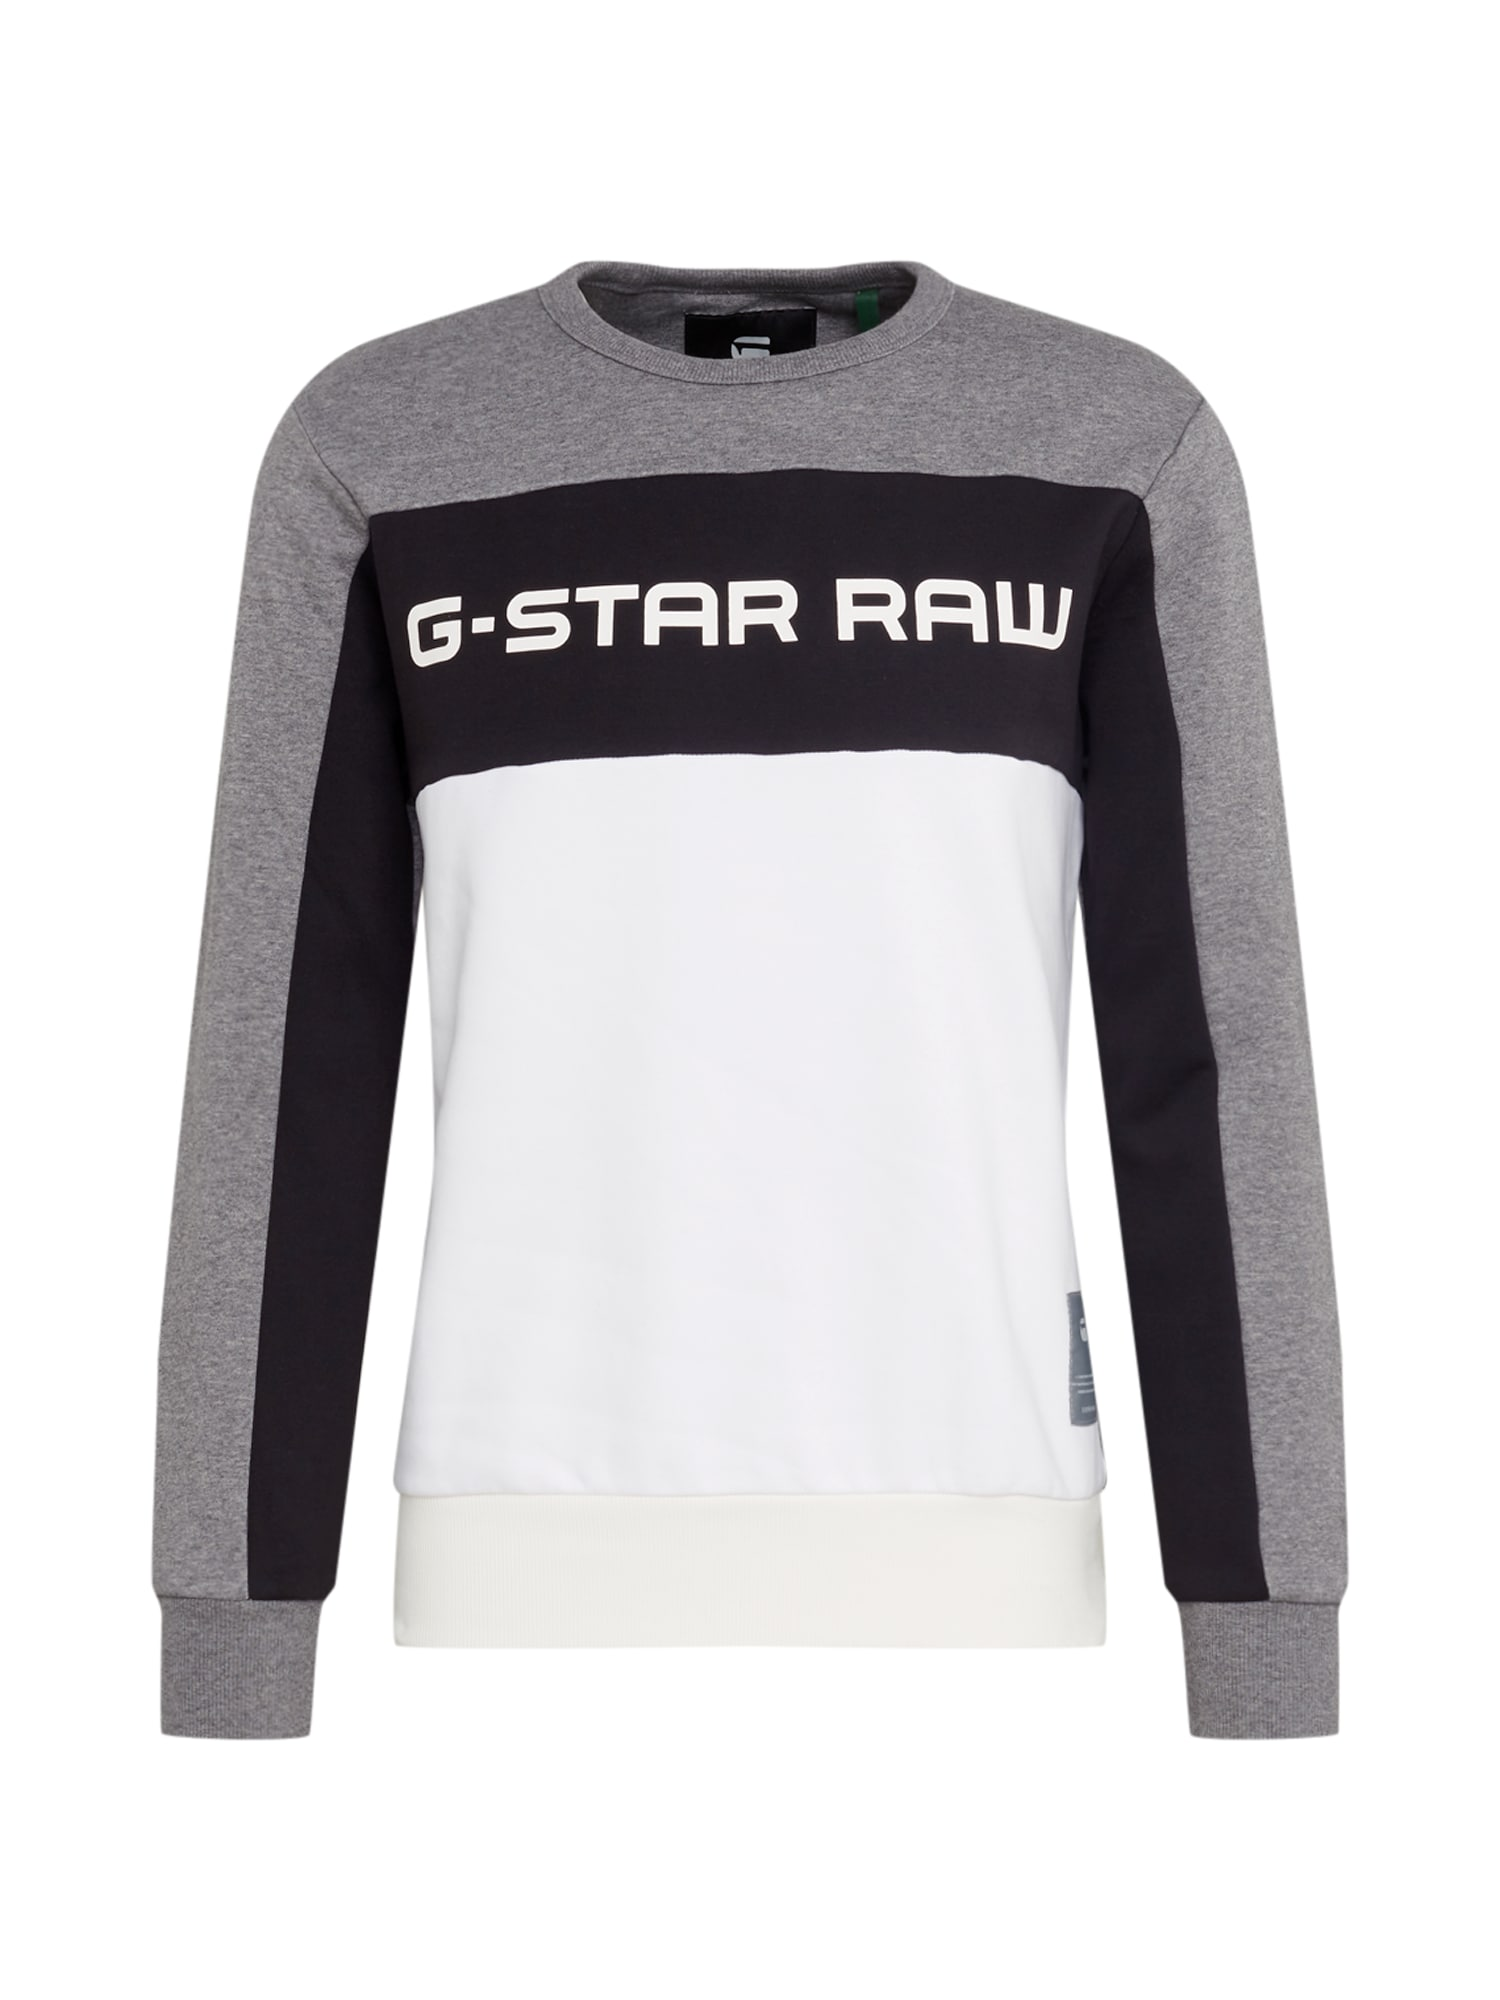 Mikina Swando New Block šedý melír černá bílá G-STAR RAW